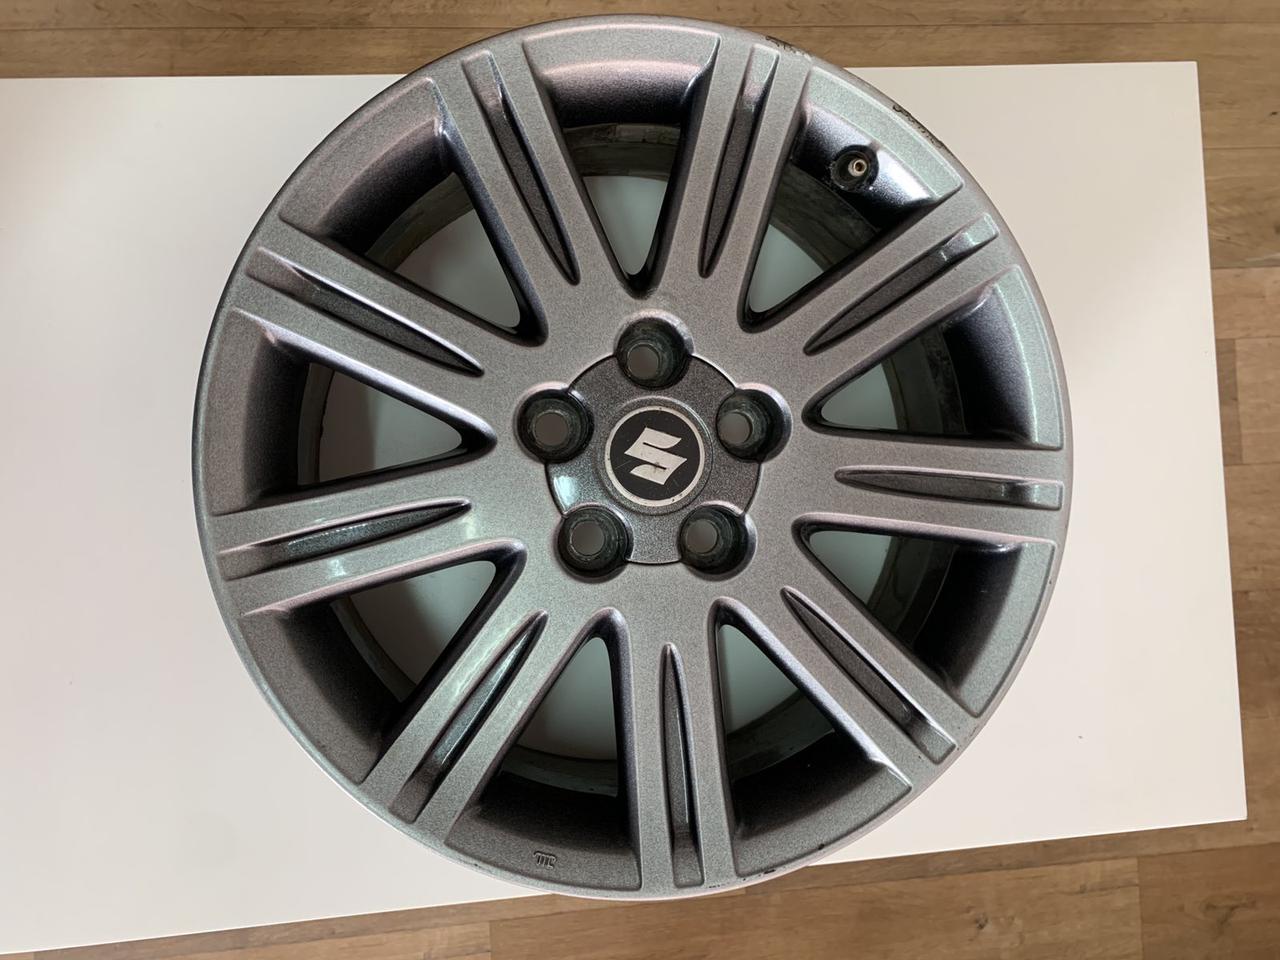 Диски легкоплавные Suzuki Grand Vitara 17 дюймов 4 шт, фото 2